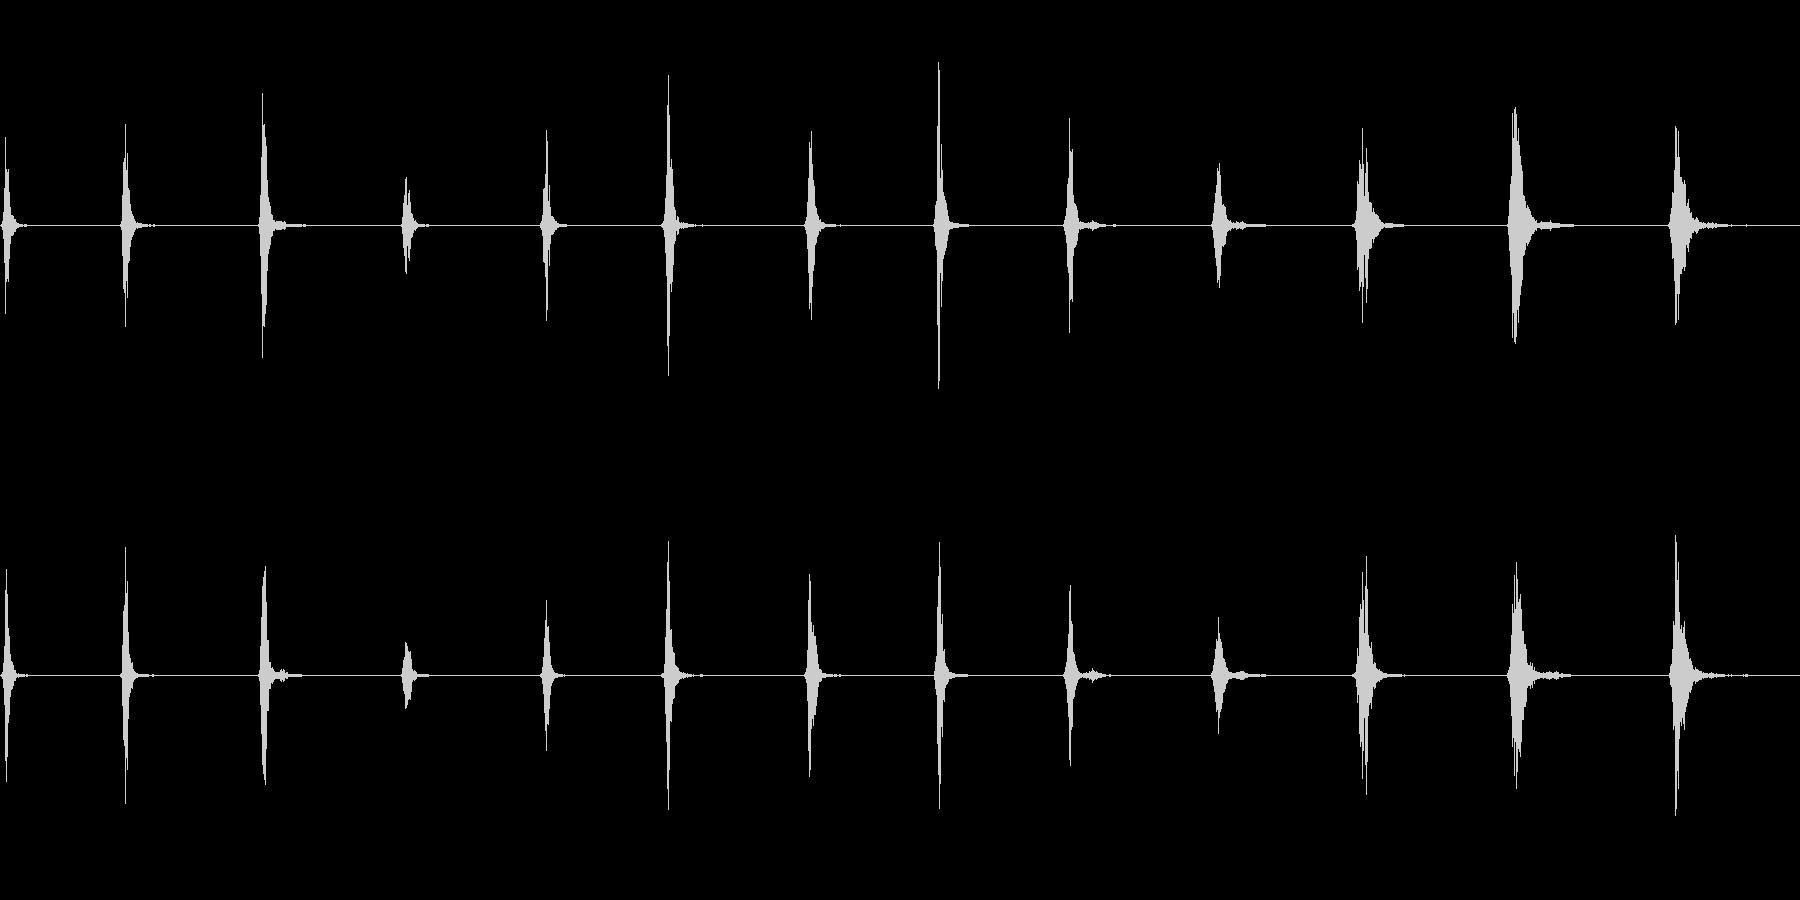 SWISH、WHIP、FX、13バ...の未再生の波形